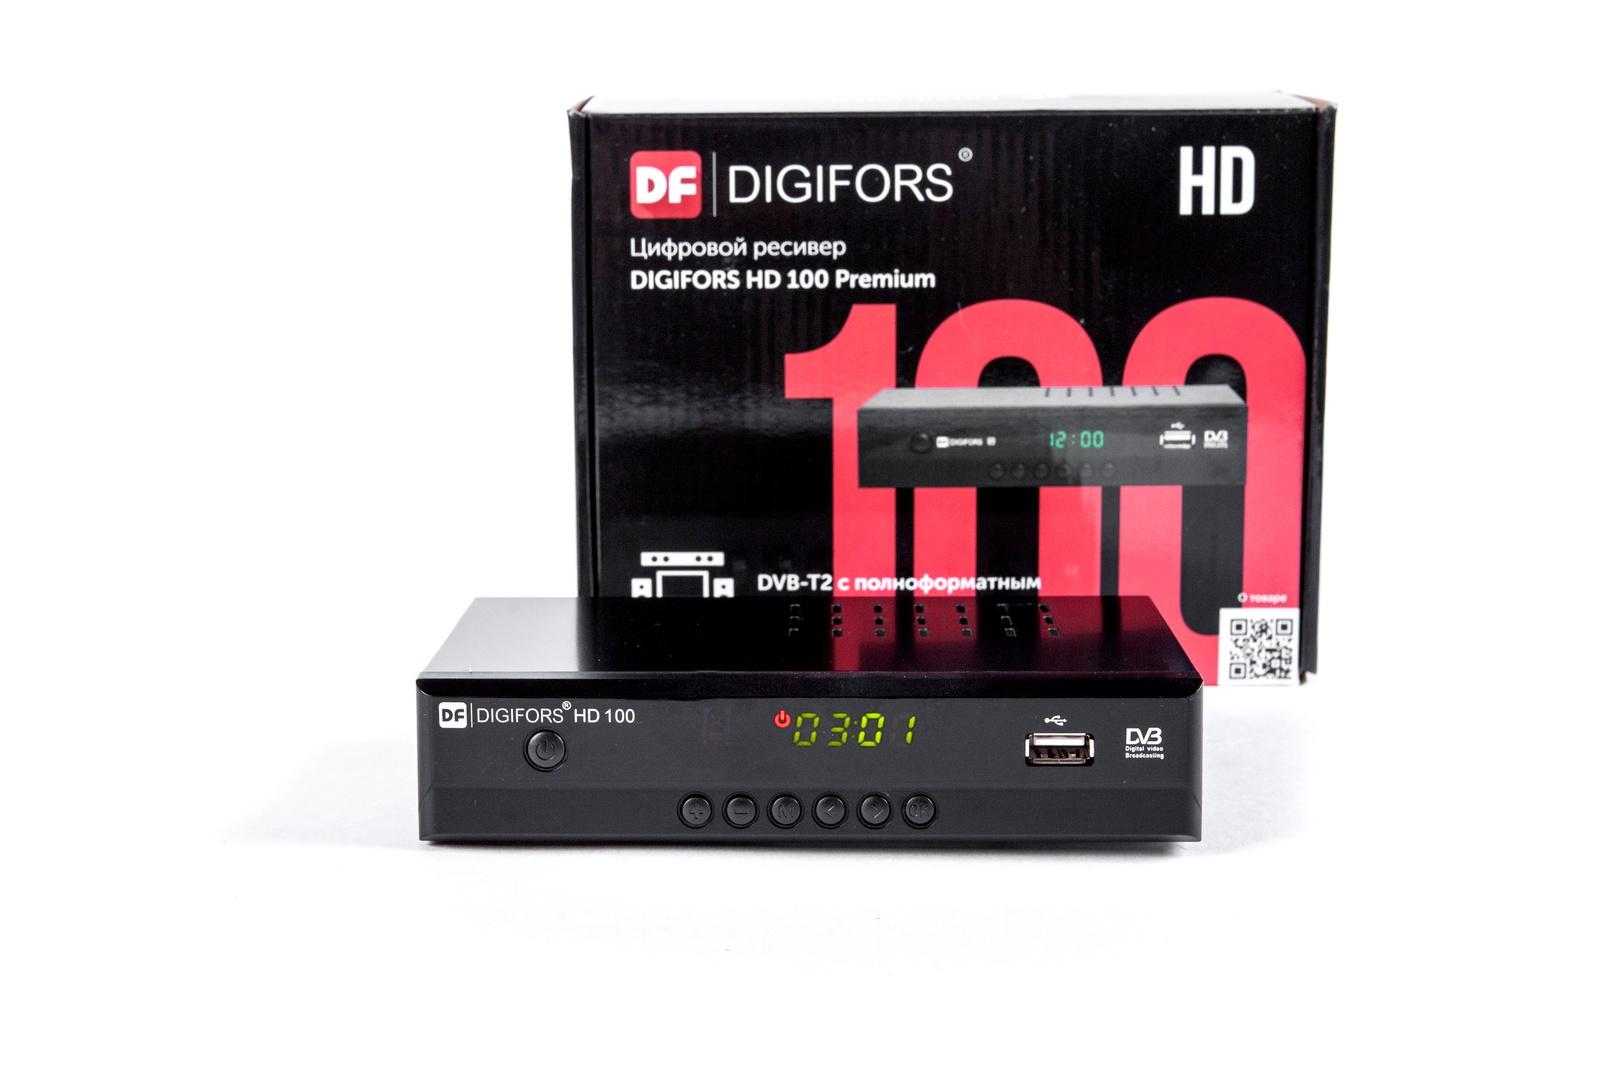 Фото - Цифровой эфирный ресивер с мультимедиа DIGIFORS HD 100 Premium видео